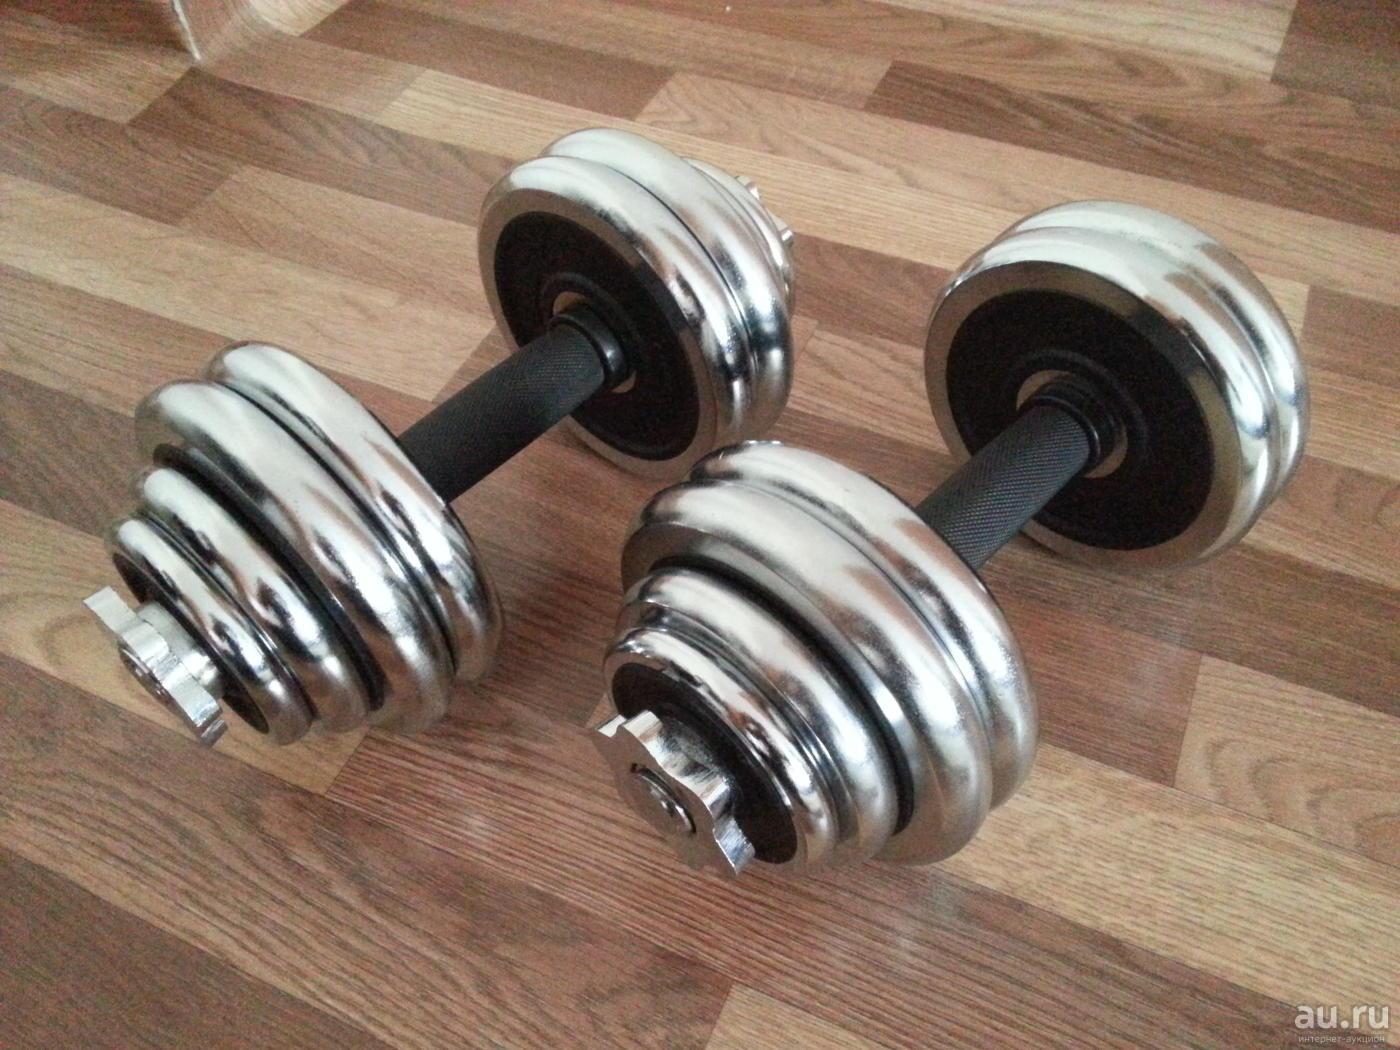 Как выбрать гантели: вес для мужчин, женщин и детей, материал и другие критерии